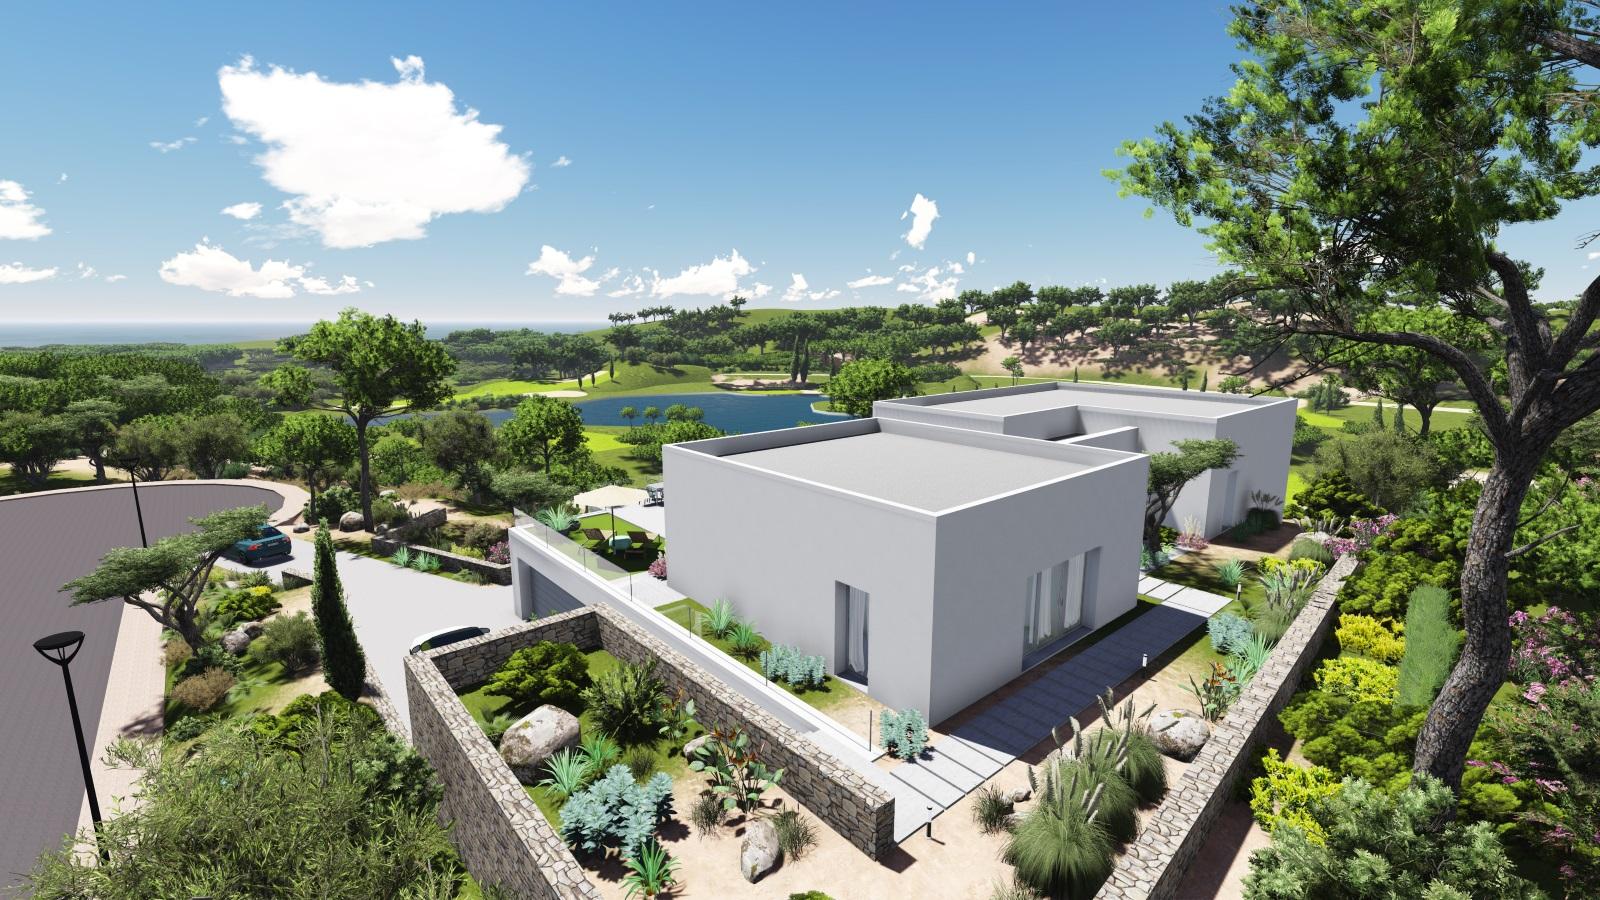 VILLA im LAS COLINAS GOLF & COUNTRY CLUB mit direkter Sicht auf den See und den Golfplatz